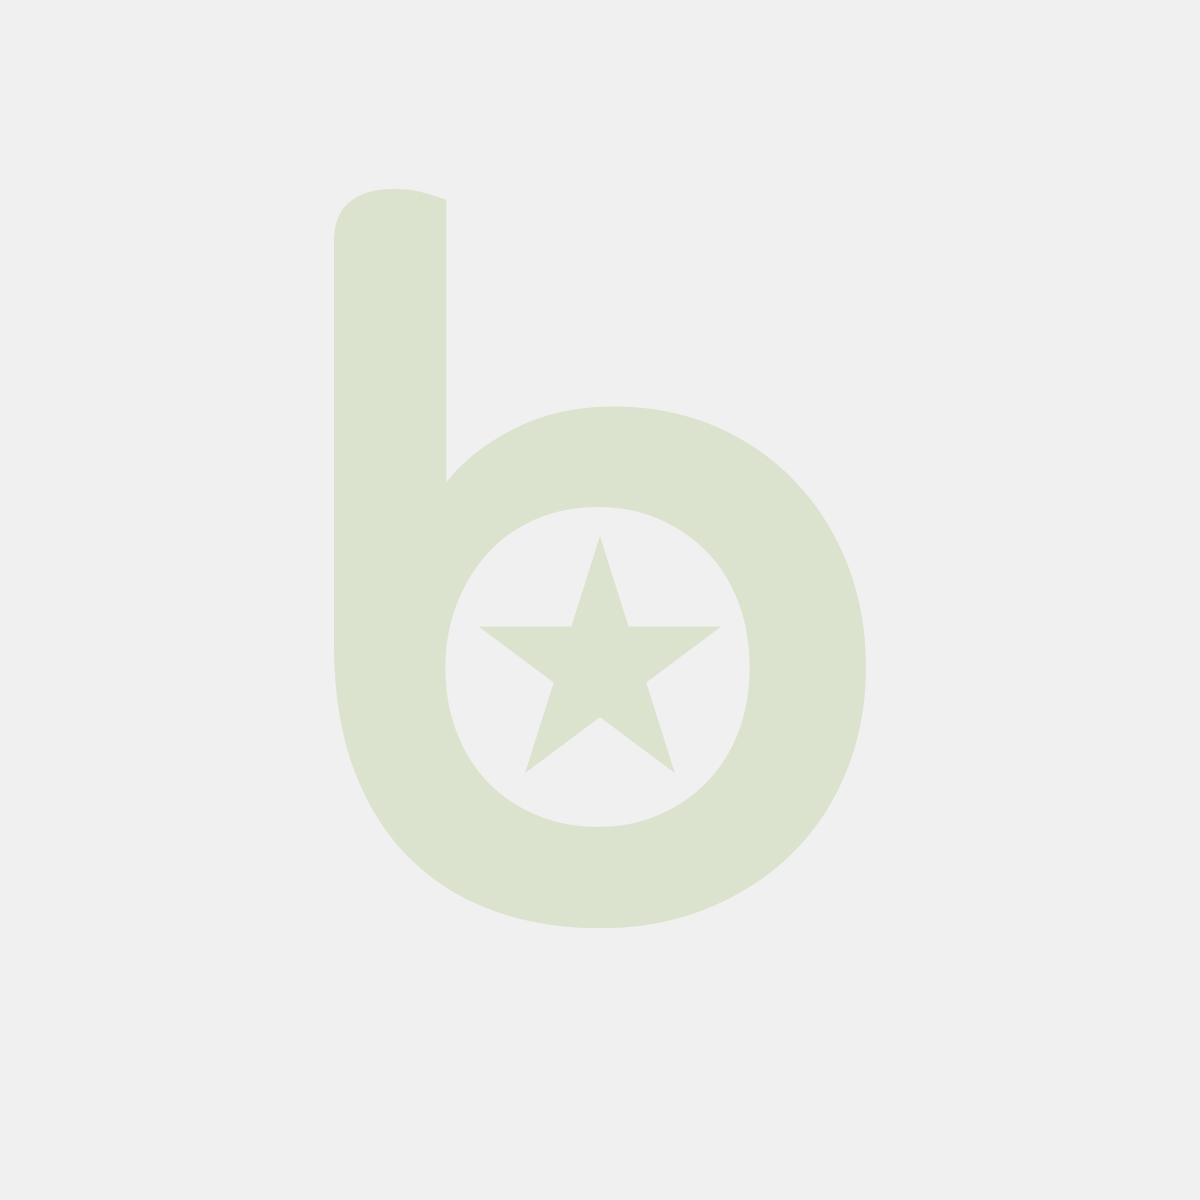 Pokrywka do miski K-BO18 1000 ml PP, cena za opakowanie 50szt